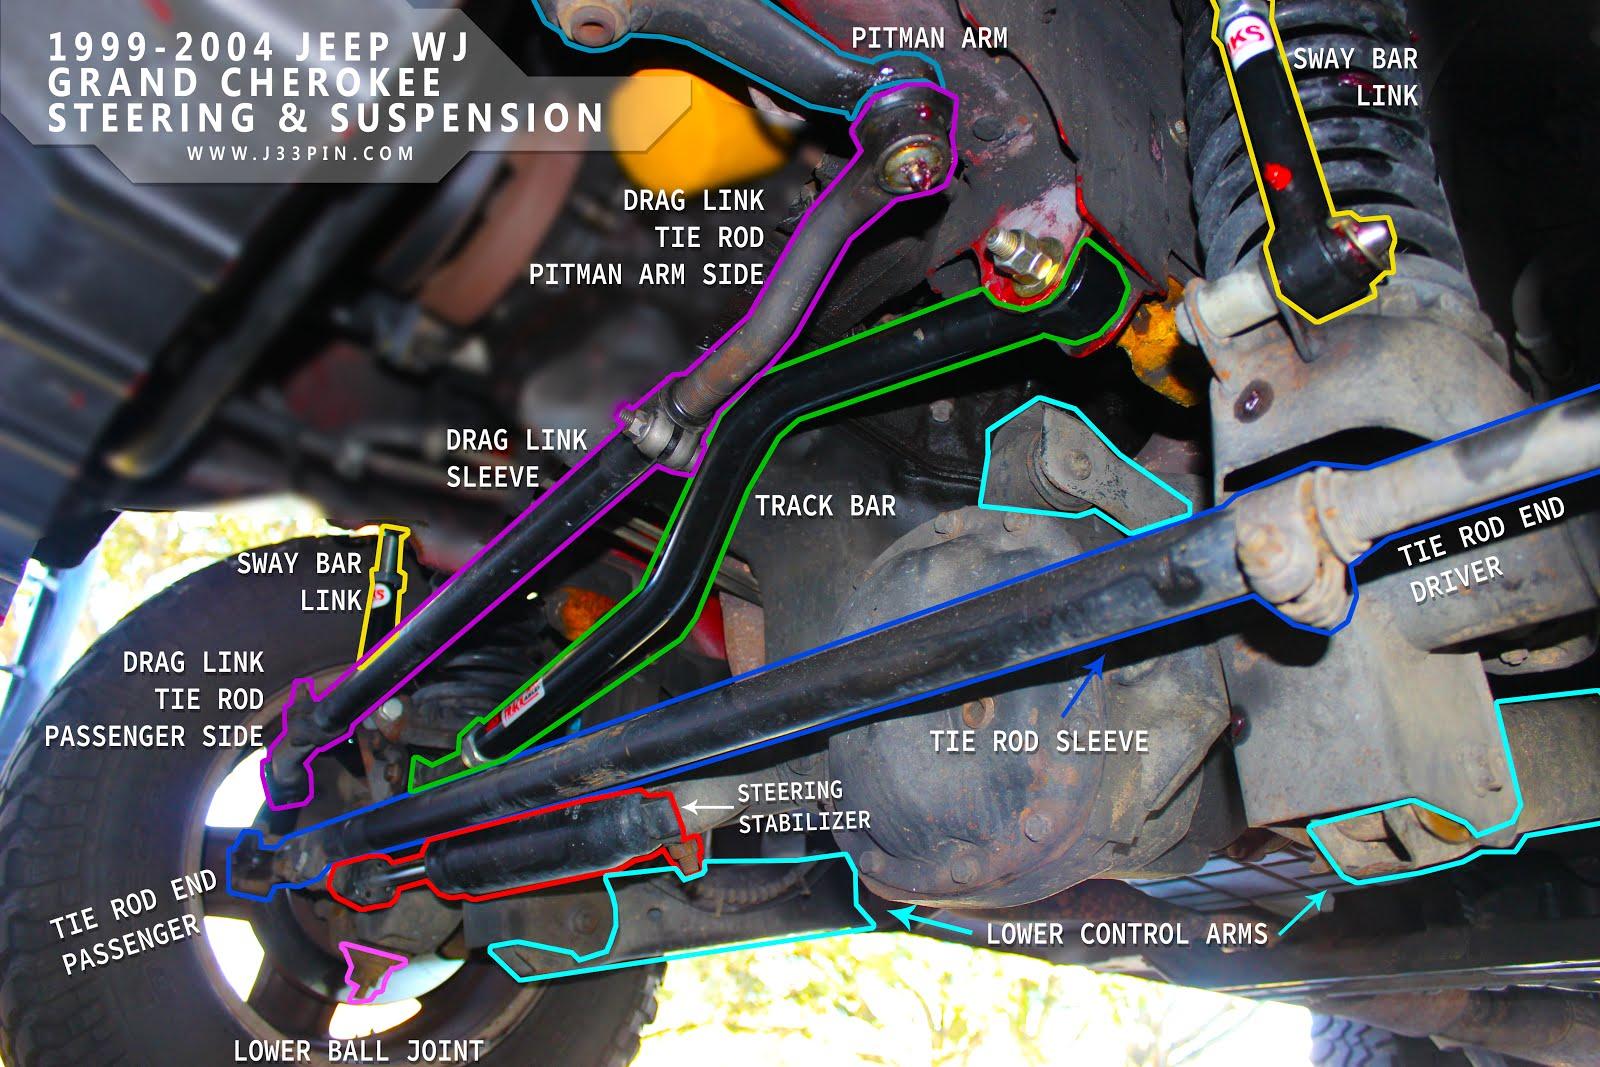 wj steering diagram schematic wiring diagrams rh 13 koch foerderbandtrommeln de wj drive shaft wj grand cherokee steering stabilizer [ 1600 x 1067 Pixel ]